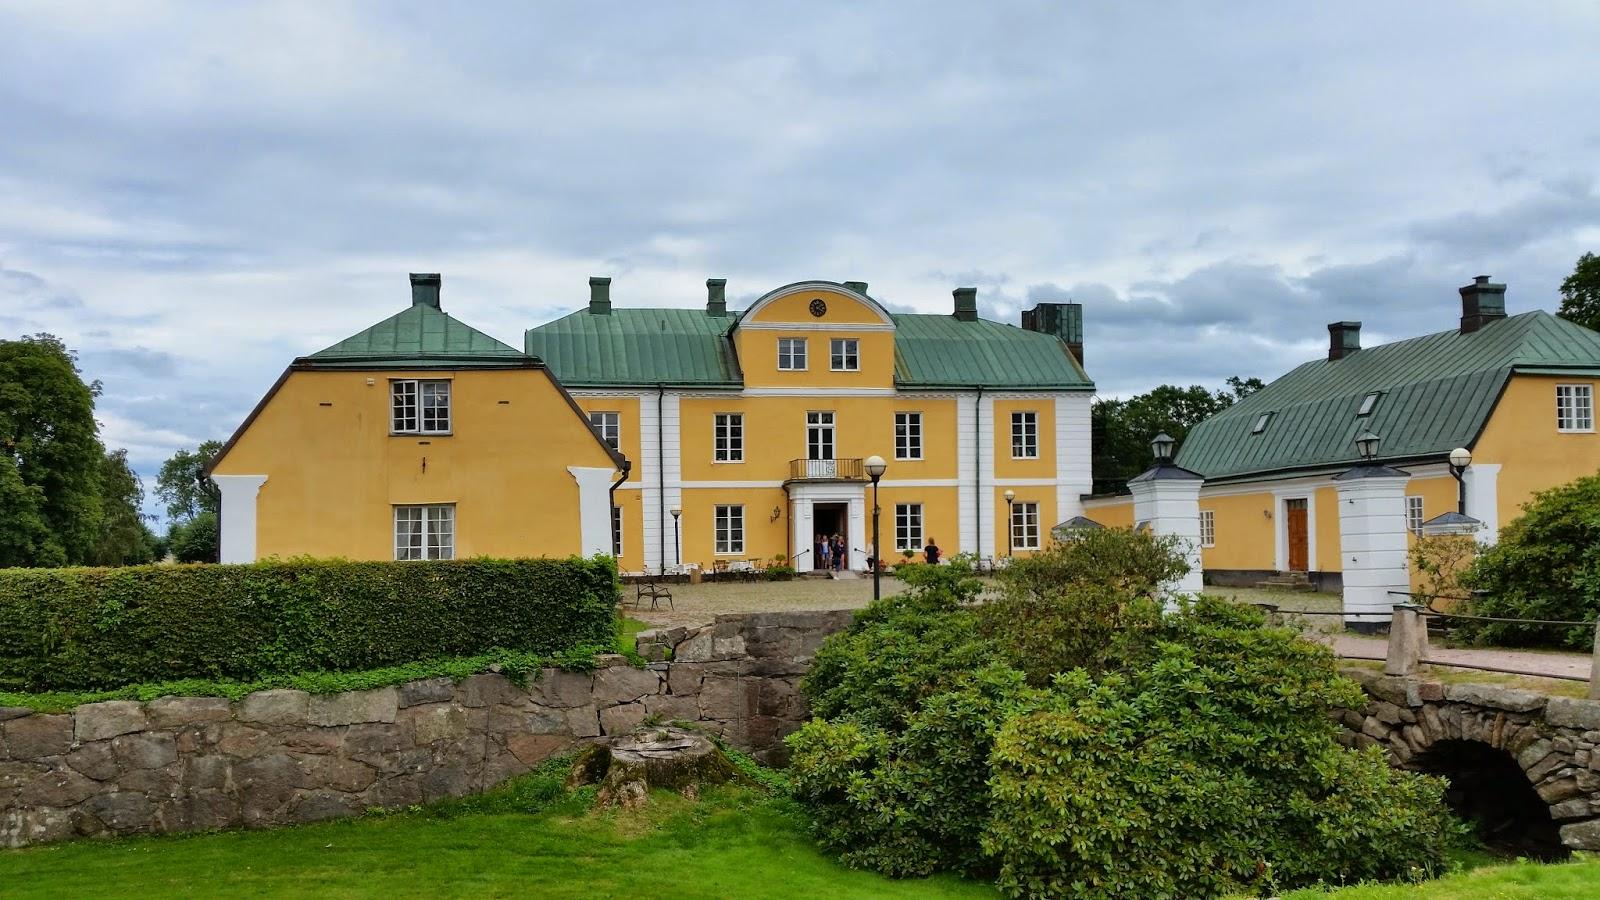 Trädgård Wapnö : Chris o bennys husbils g halmstad wapnö Åkraberg